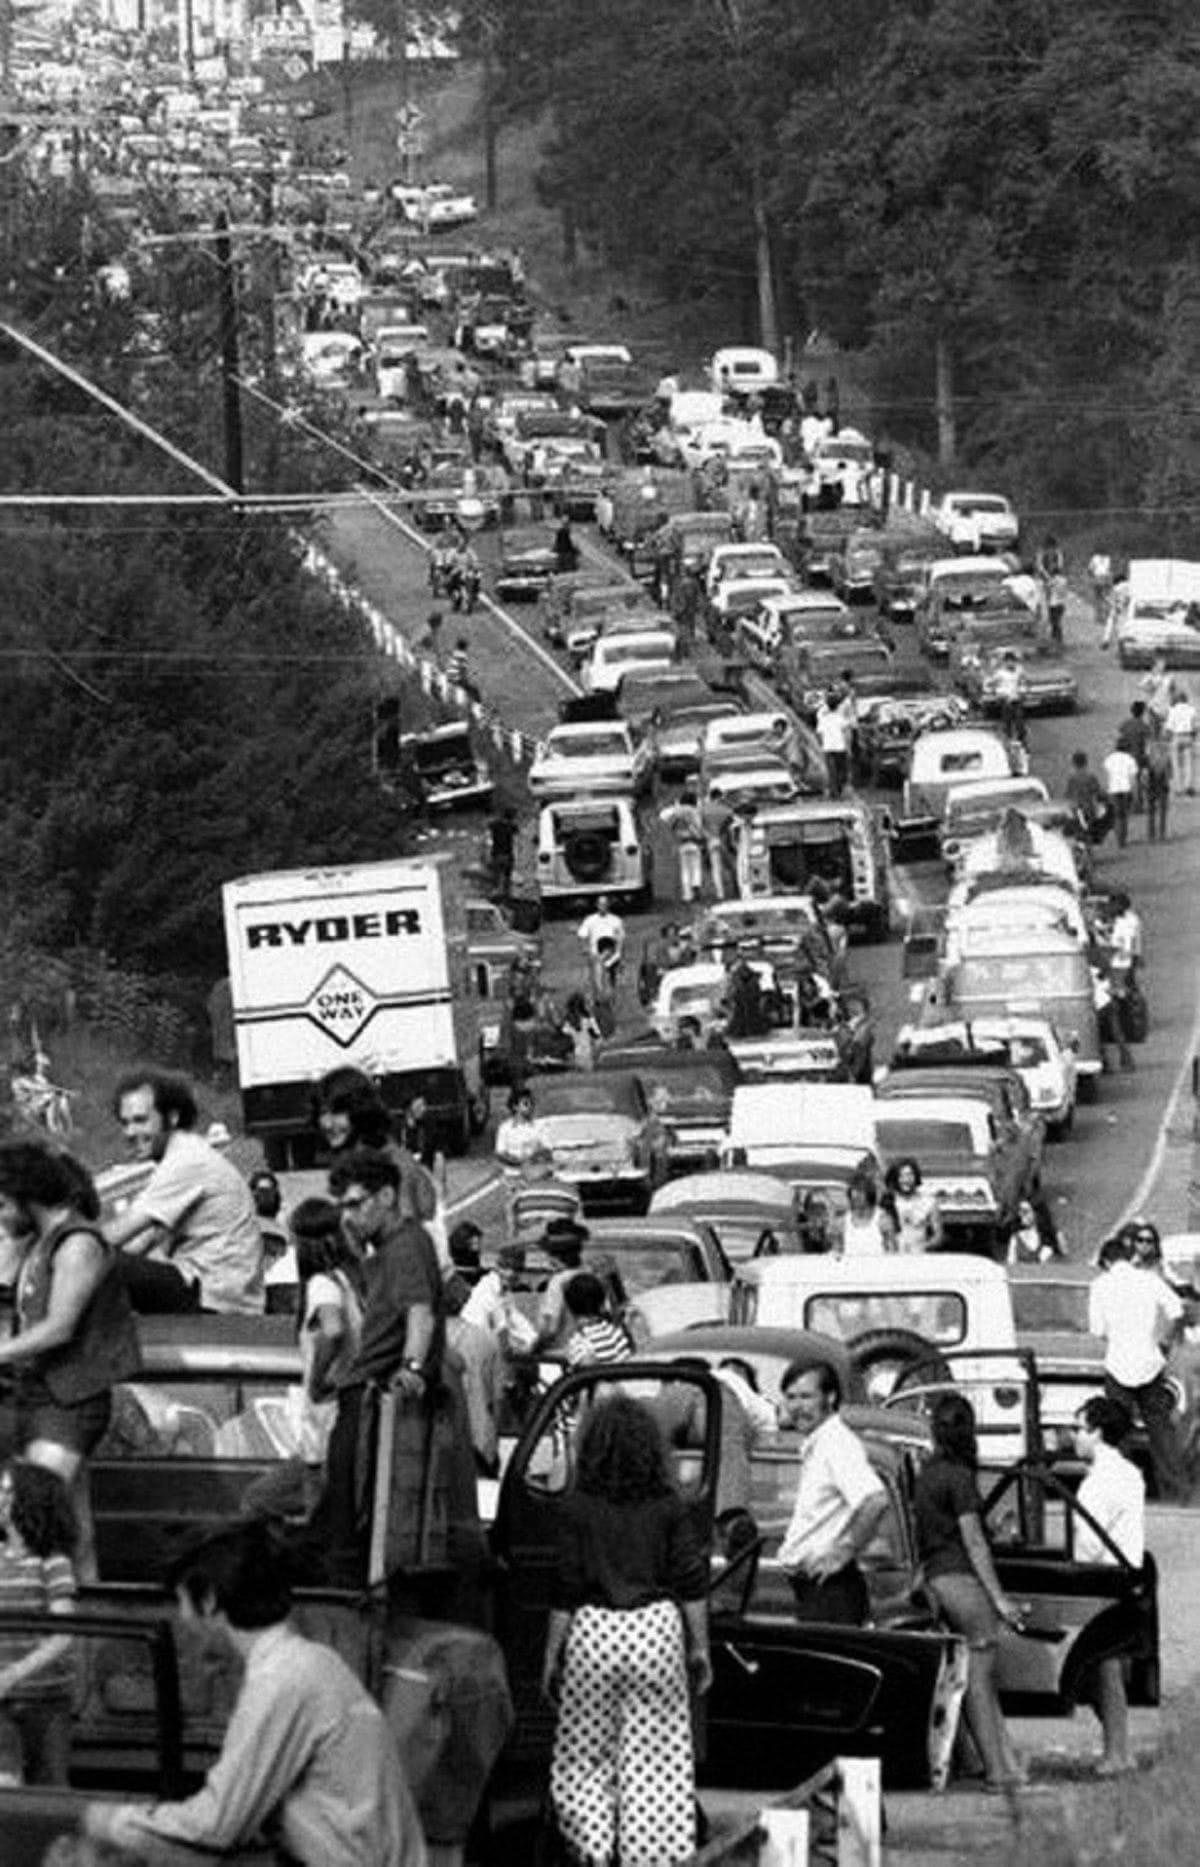 ασπρόμαυρο στιγμιότυπο από το πλήθος των ανθρώπων που πήγαν στο Woodstock